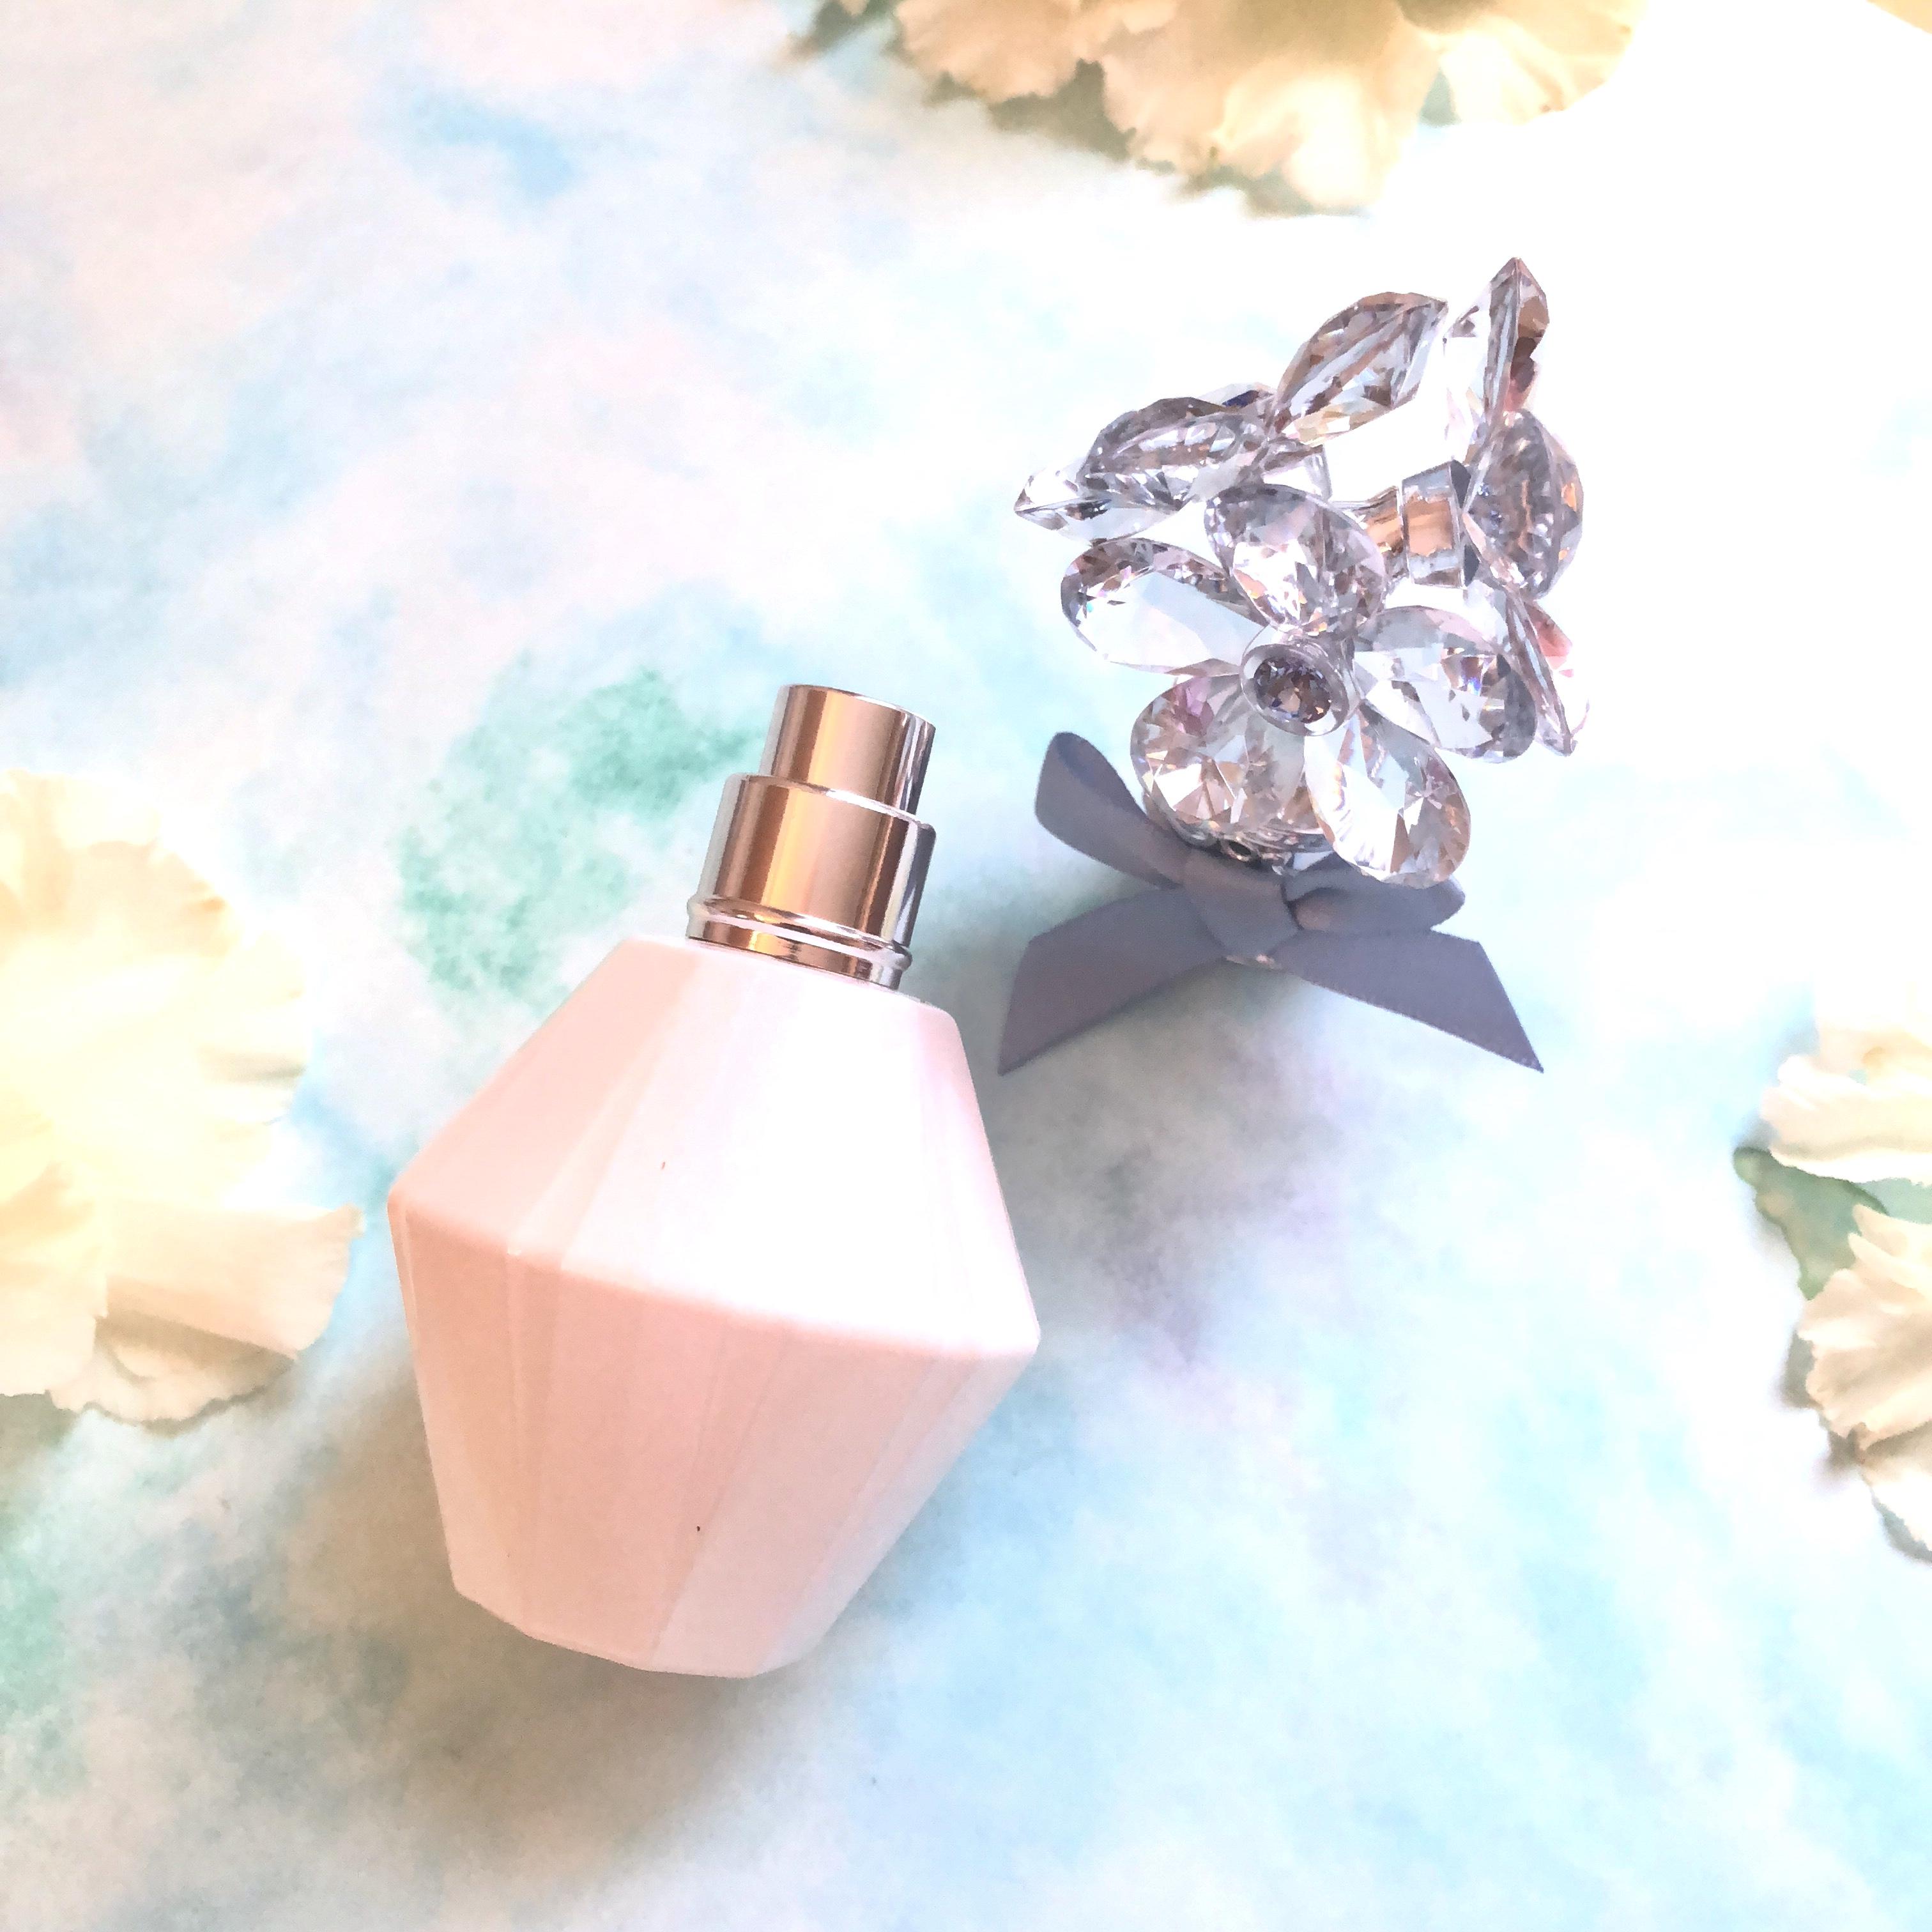 『ジルスチュアート』の4/24発売限定コスメを、美容家立花ゆうりがお試ししてみた♡_2_1